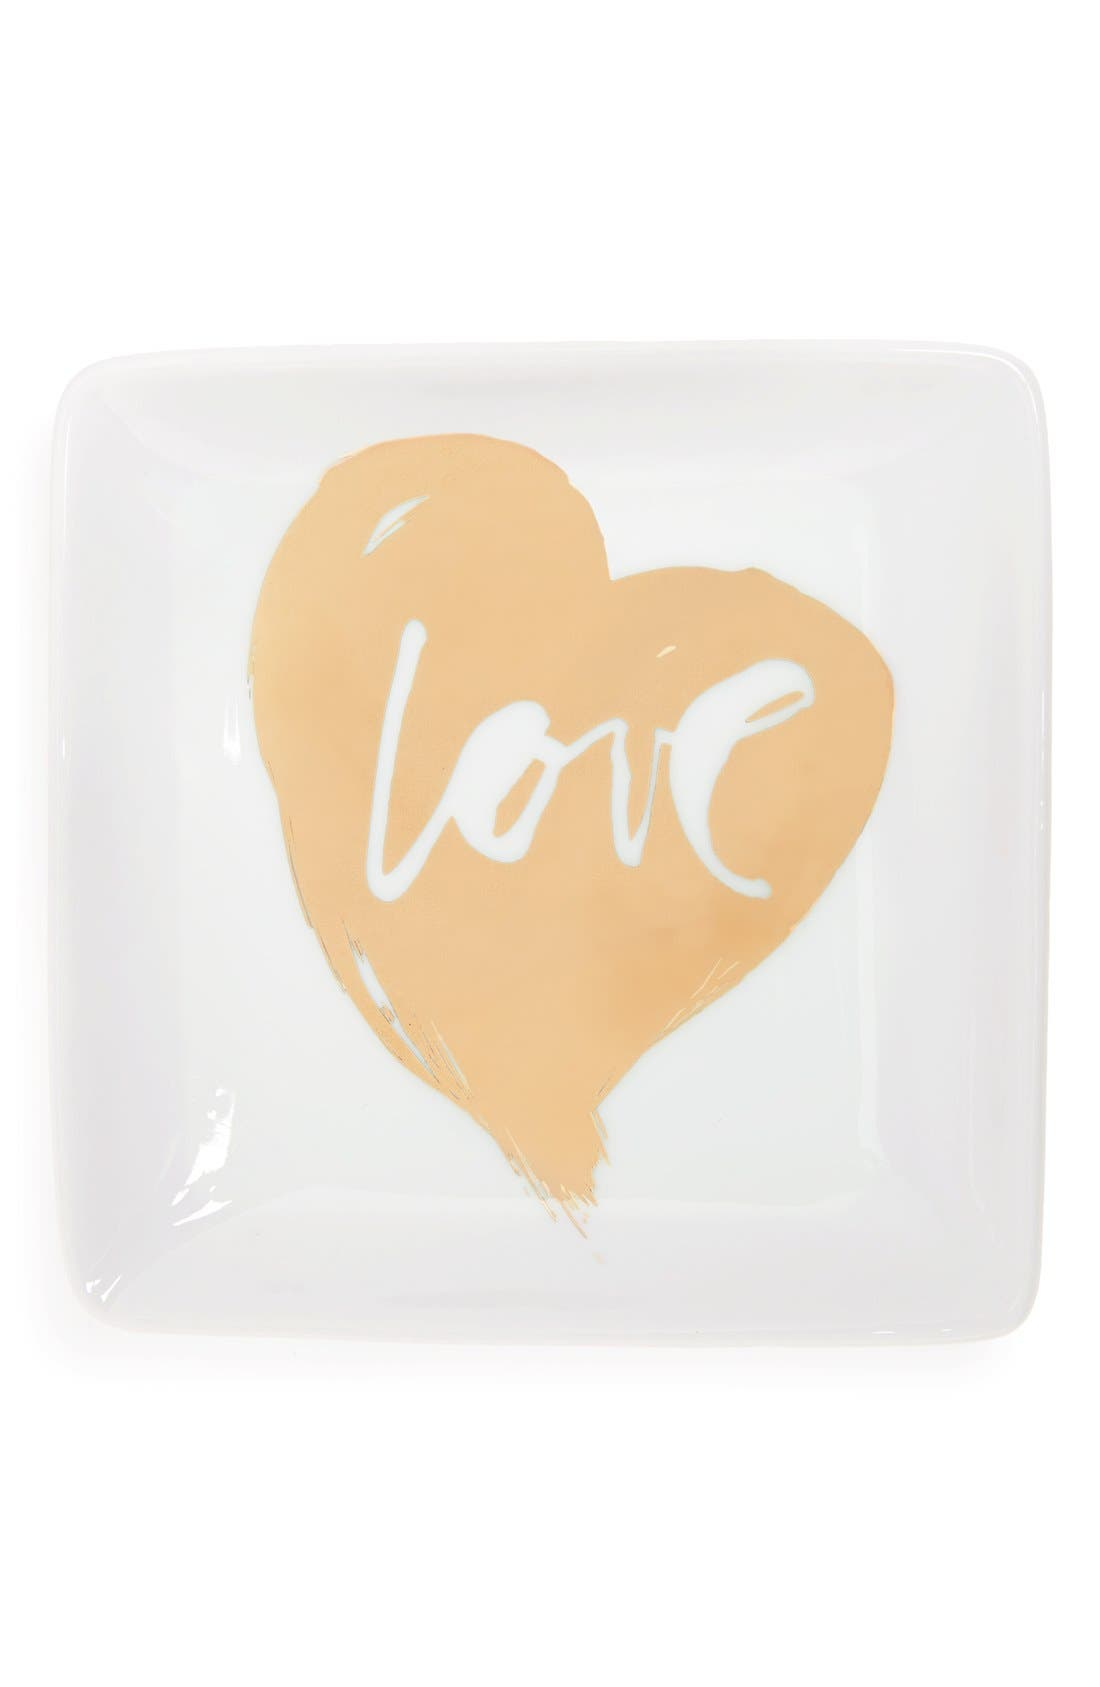 Alternate Image 1 Selected - Fringe Studio 'Love' Ceramic Trinket Tray